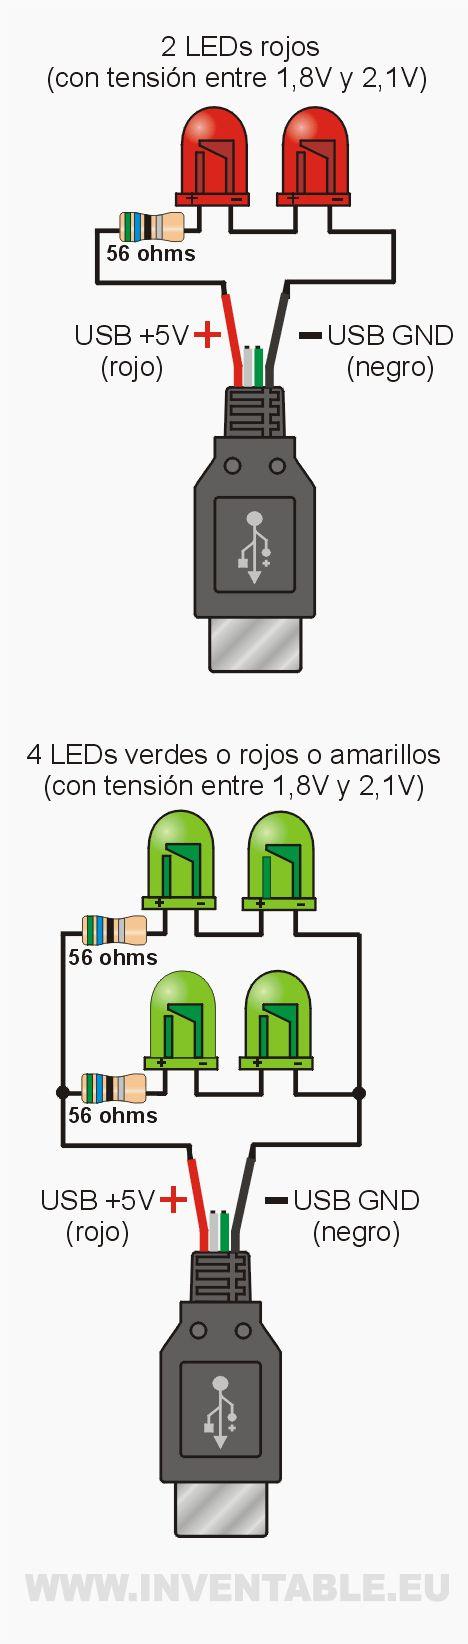 LEDs al USB: todos los ejemplos